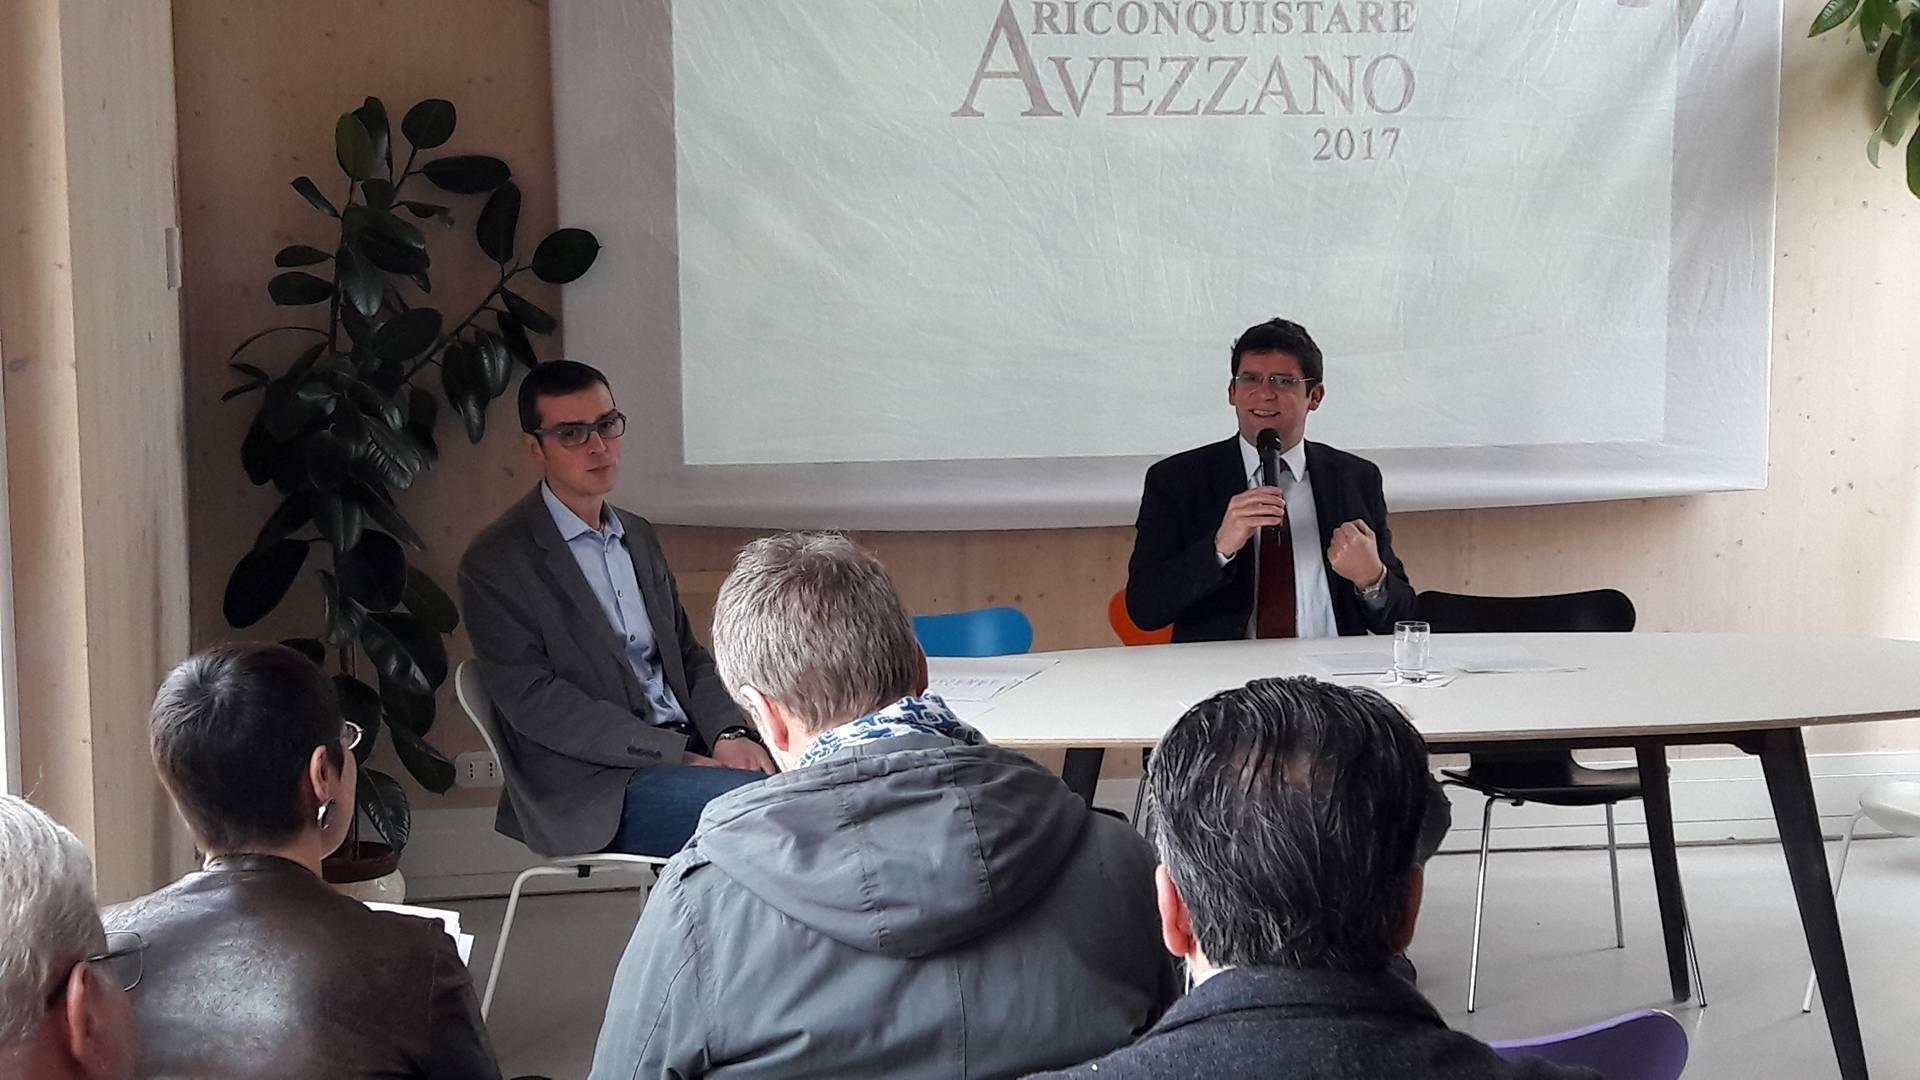 """""""Riconquistare Avezzano"""" incontrerà i cittadini alla fiera per la """"Festa della Liberazione"""""""